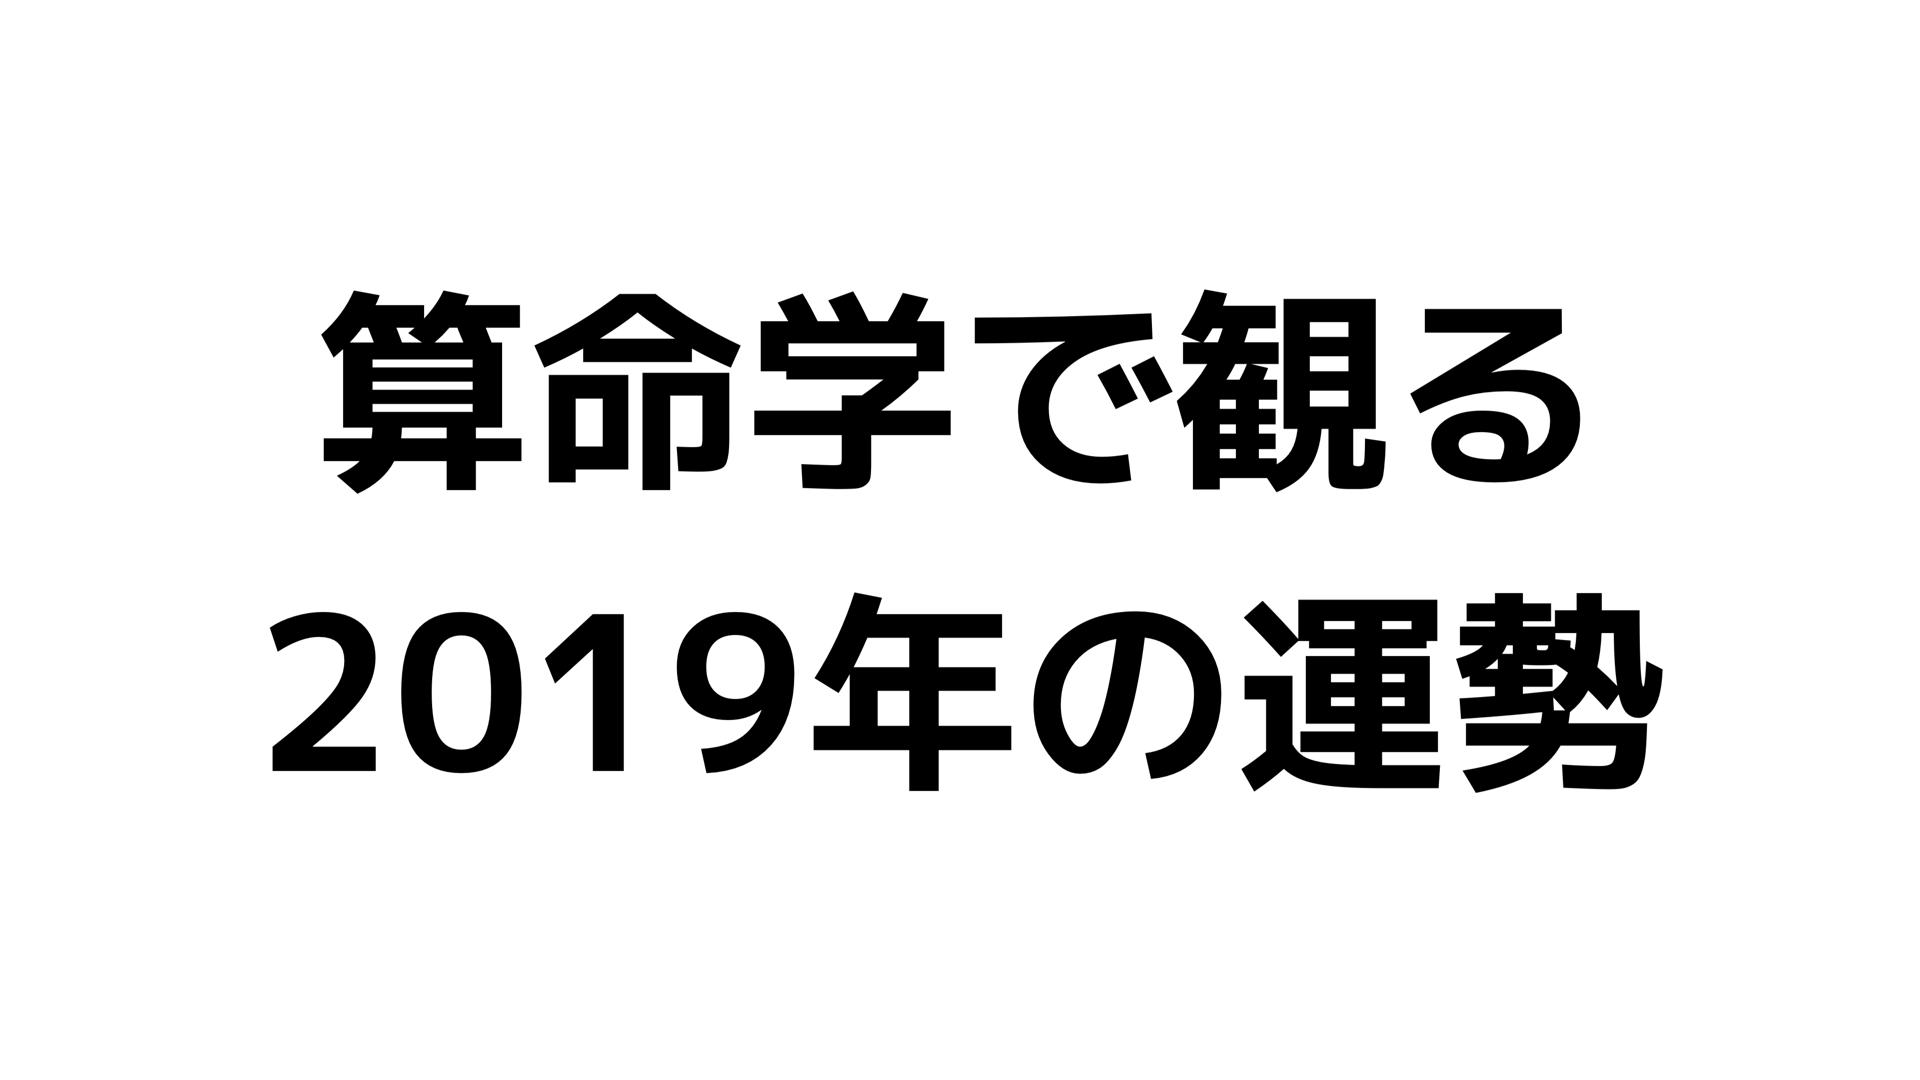 算命学」で観る2019年の運勢・十干別(仕事運・恋愛運・金運 ...